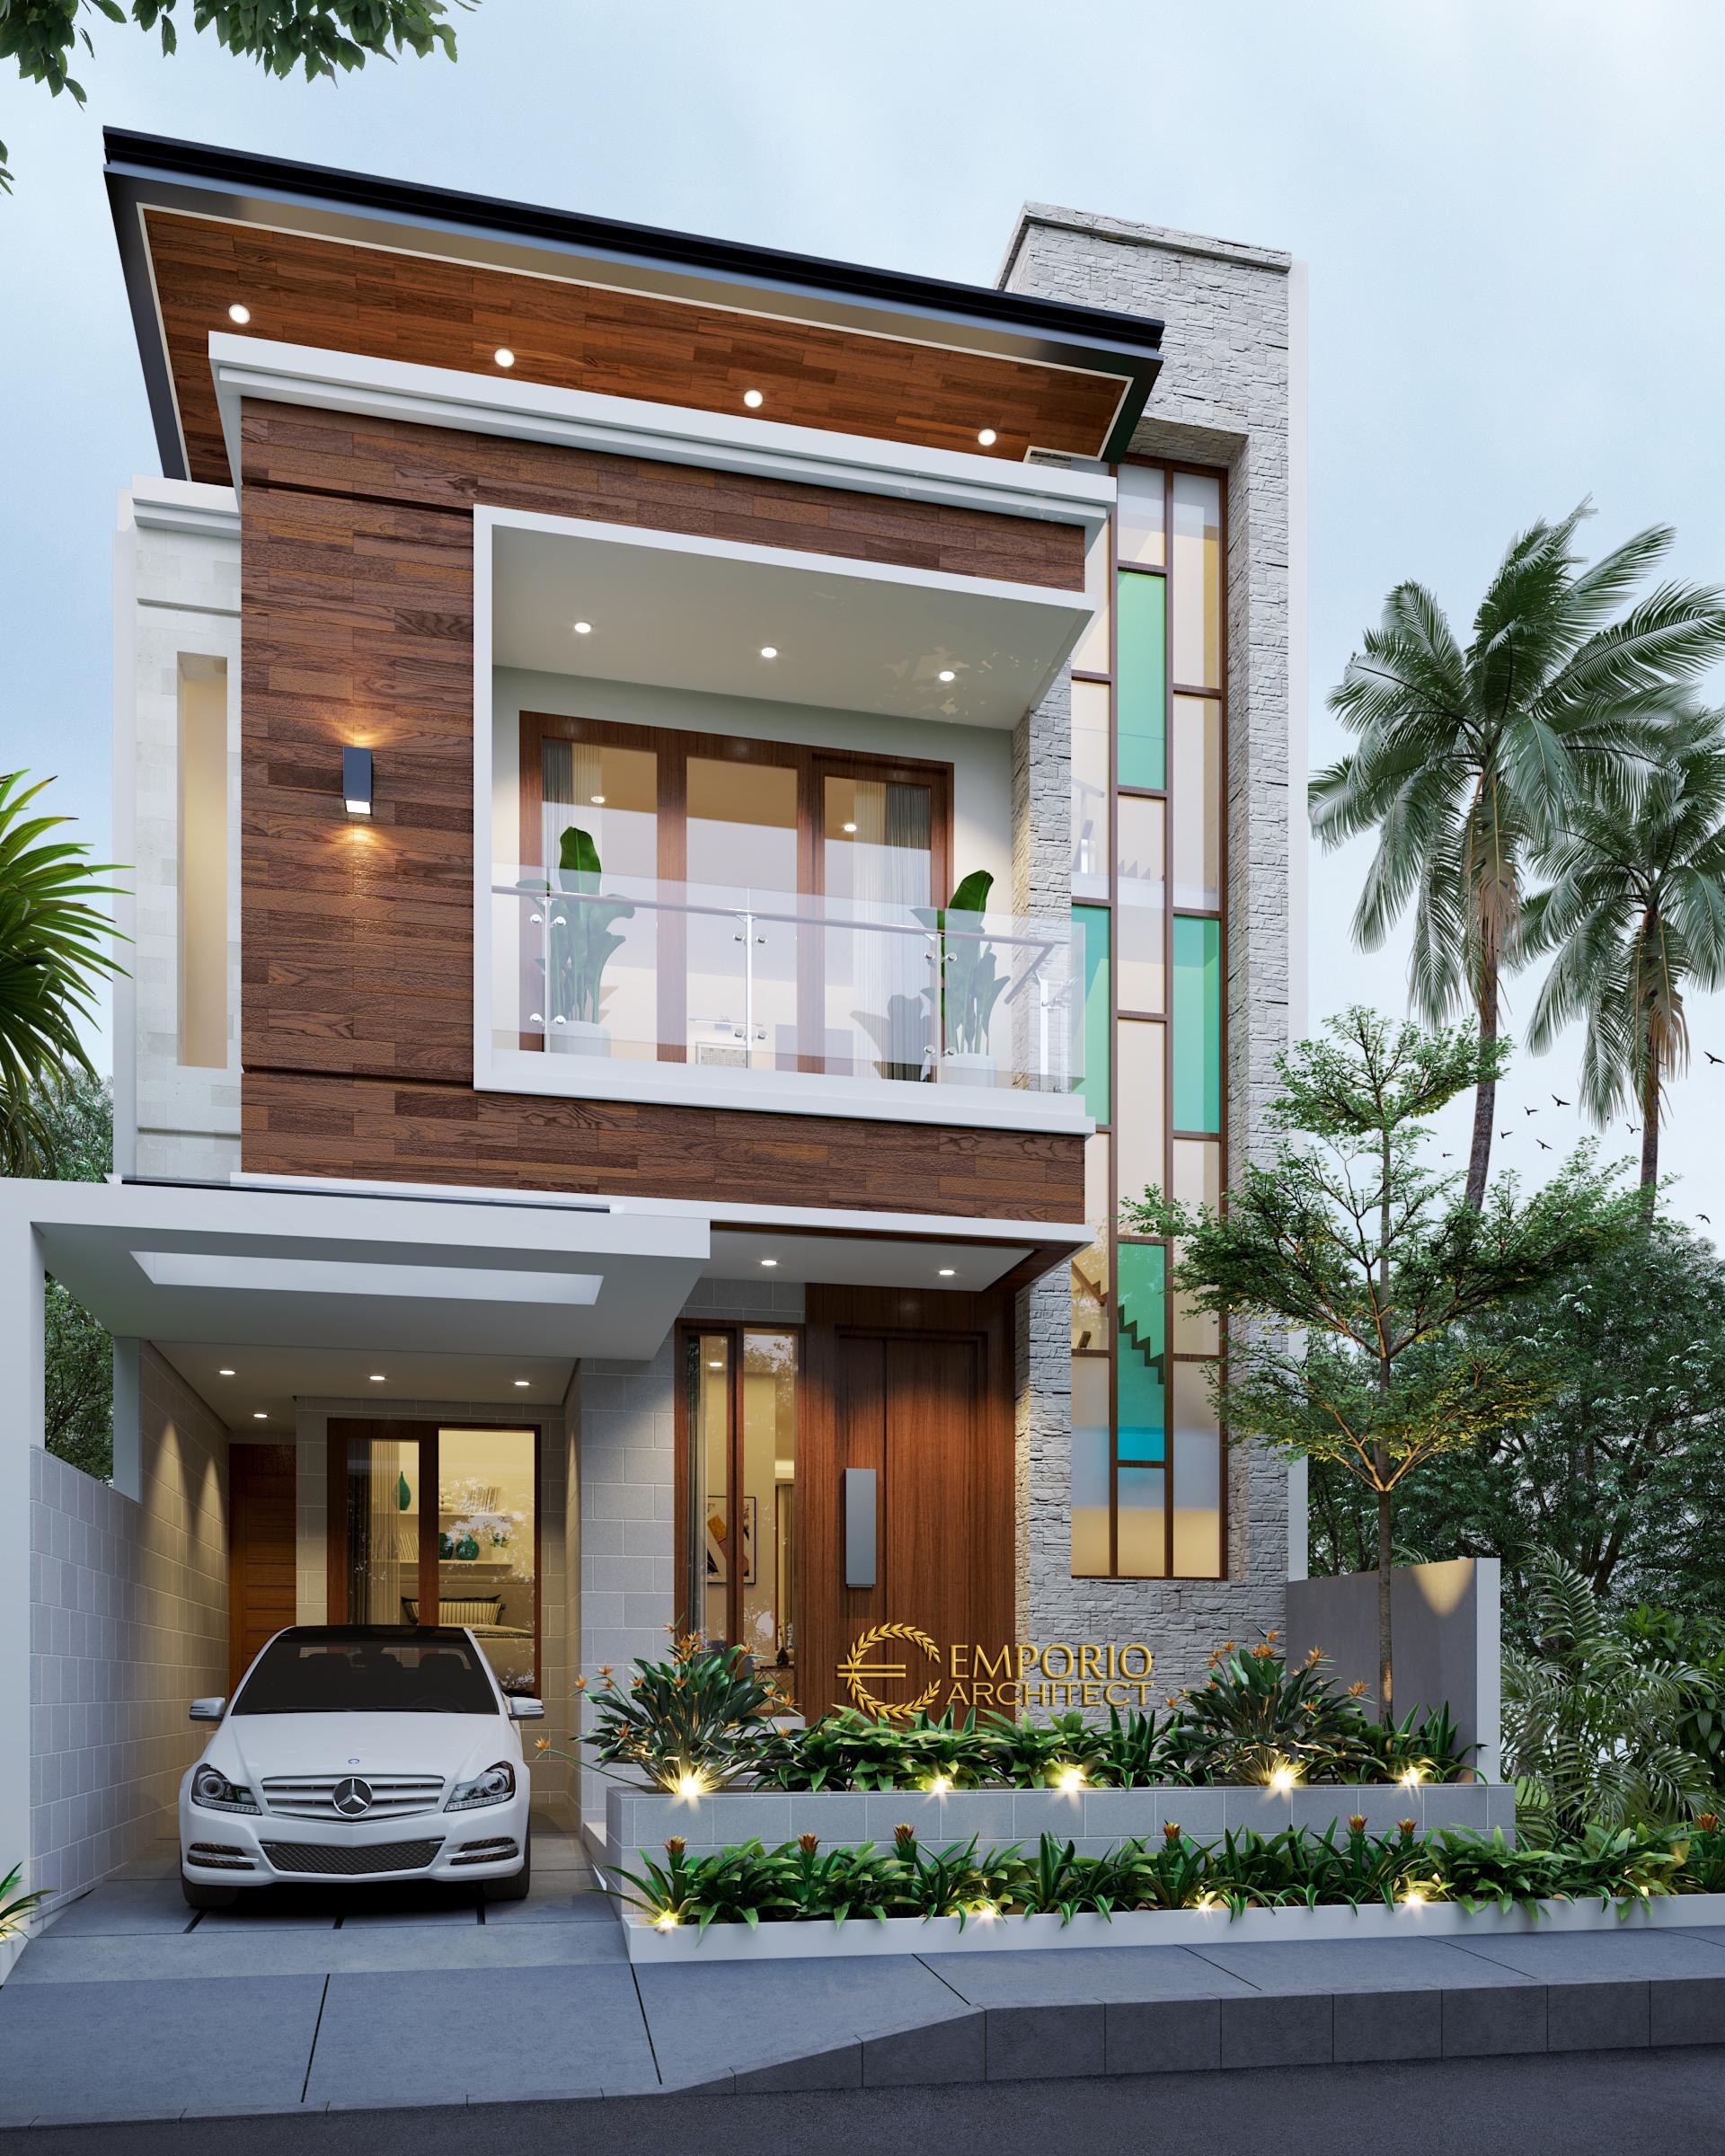 5 Desain Rumah Minimalis Terbaik Pada Lebar Lahan 8 Meter